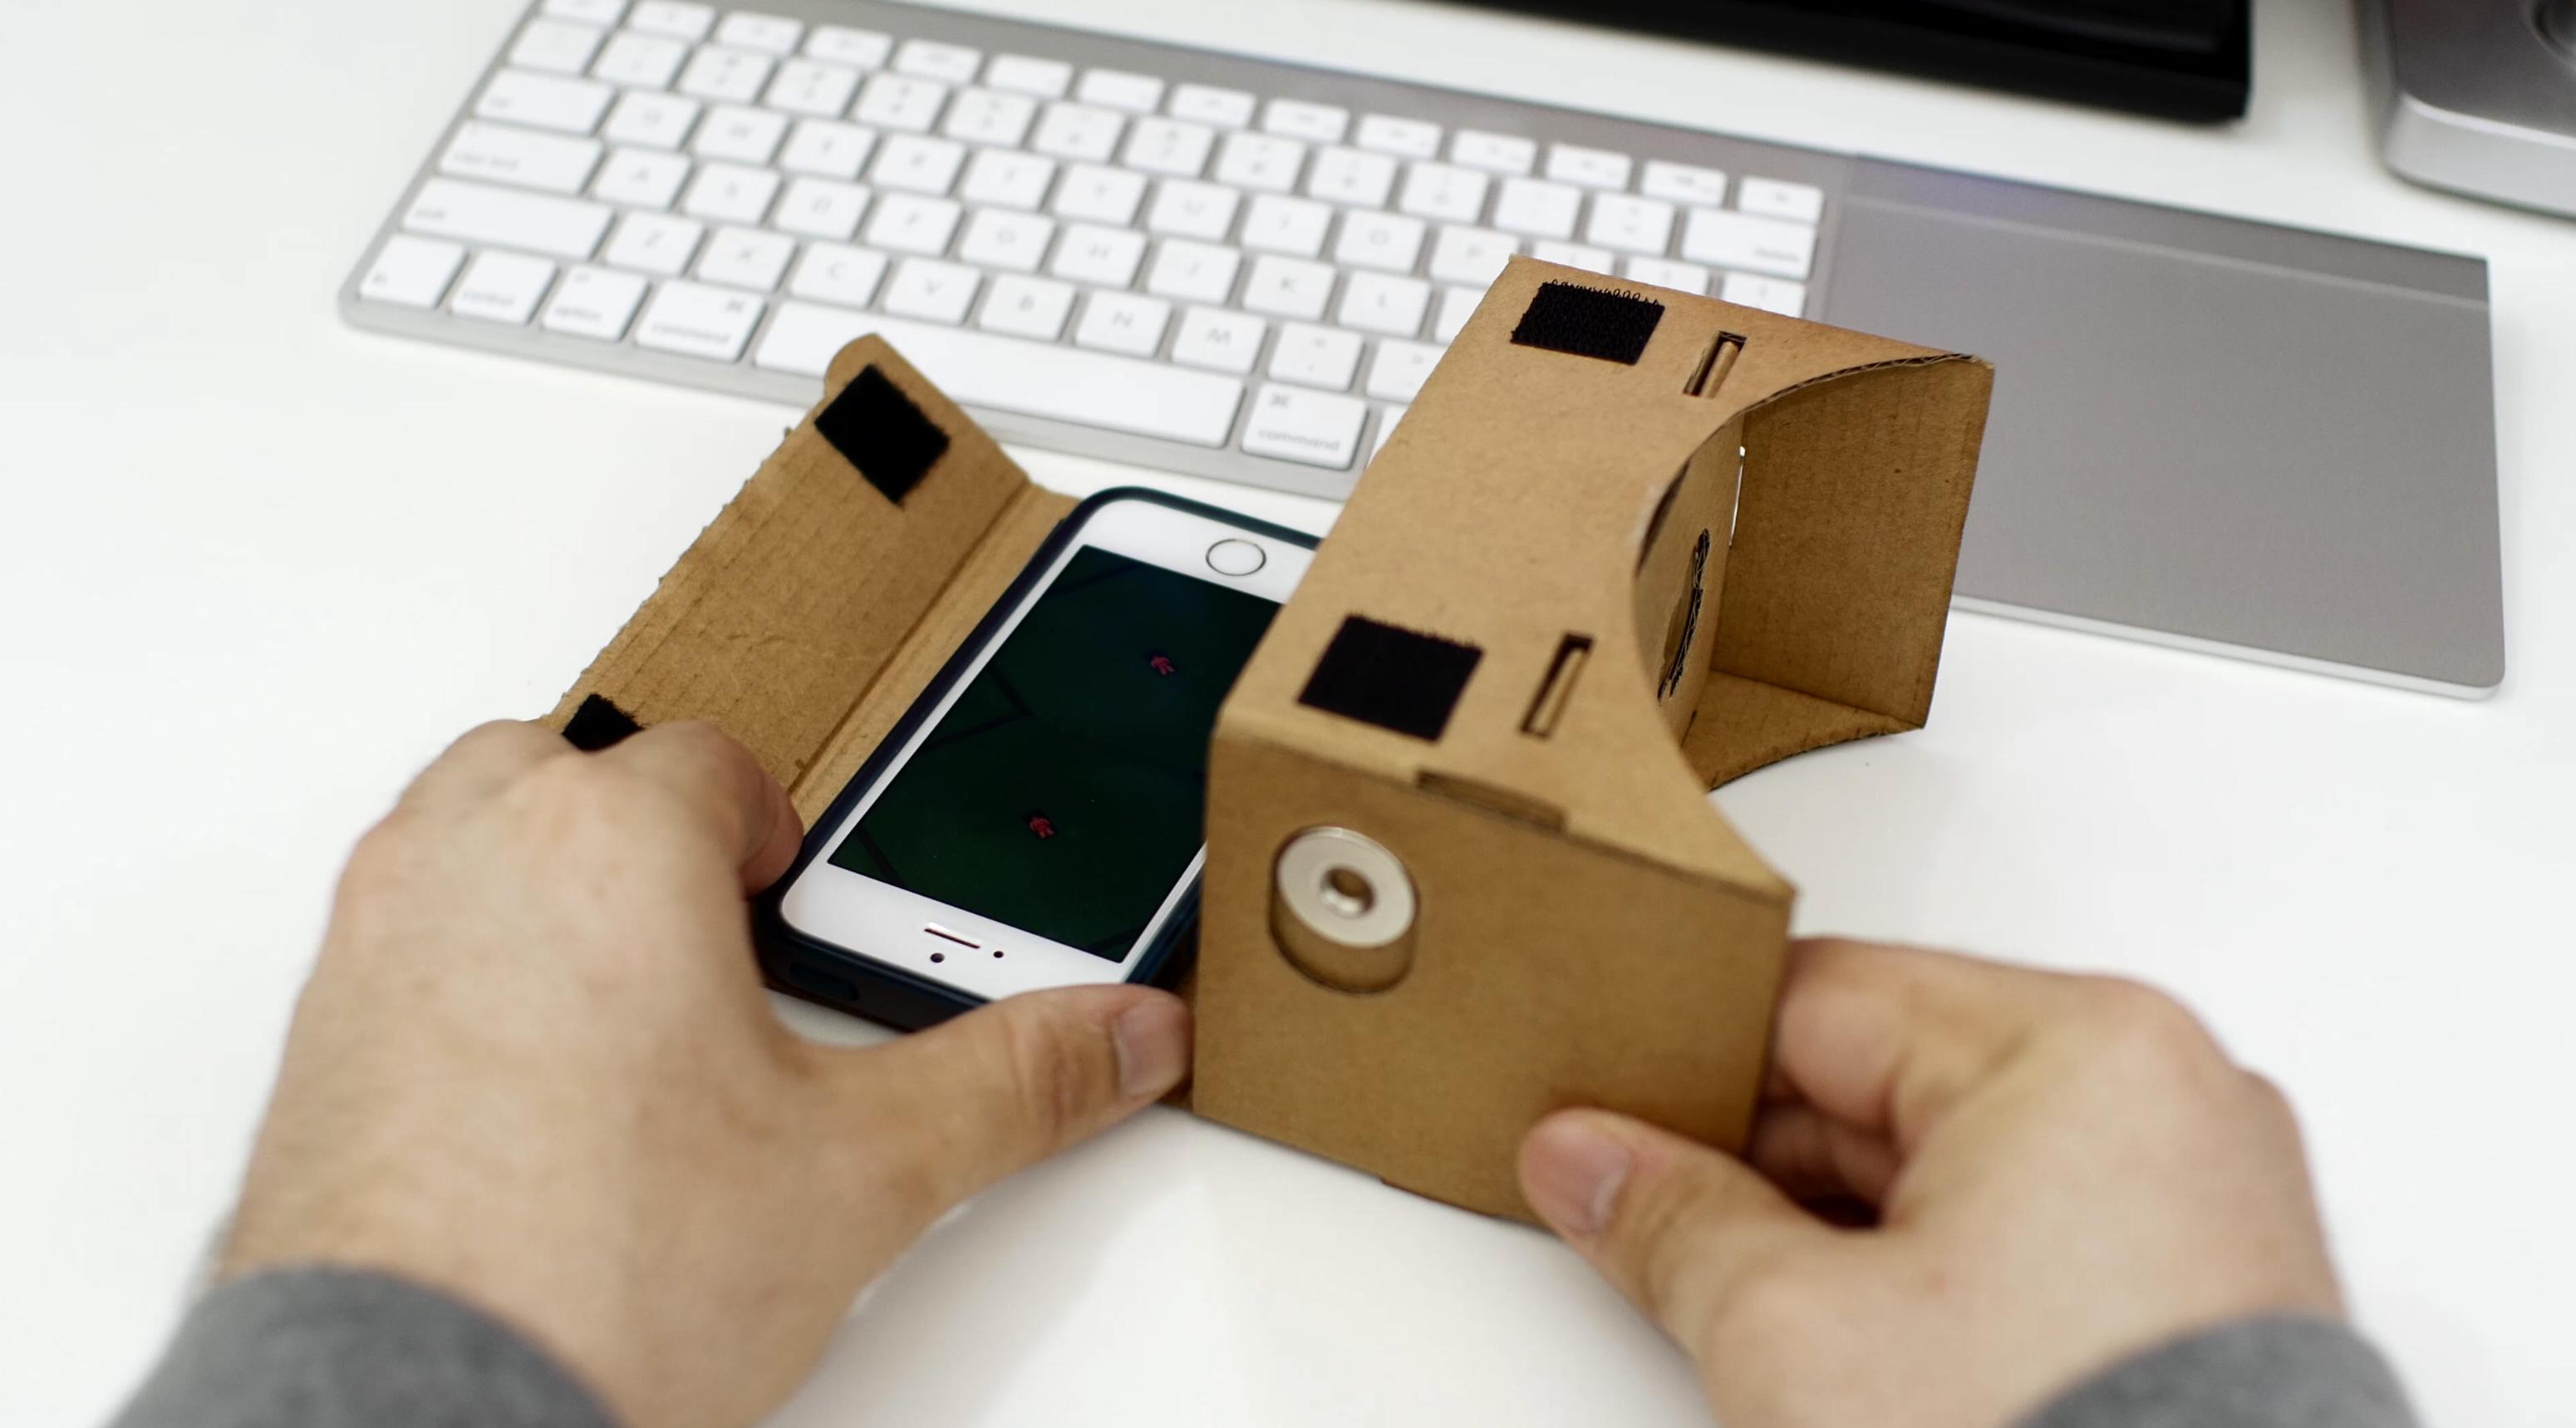 Ta decyzja Google sprawi, że tanie okulary VR staną się lepsze i wreszcie będziesz chciał je kupić